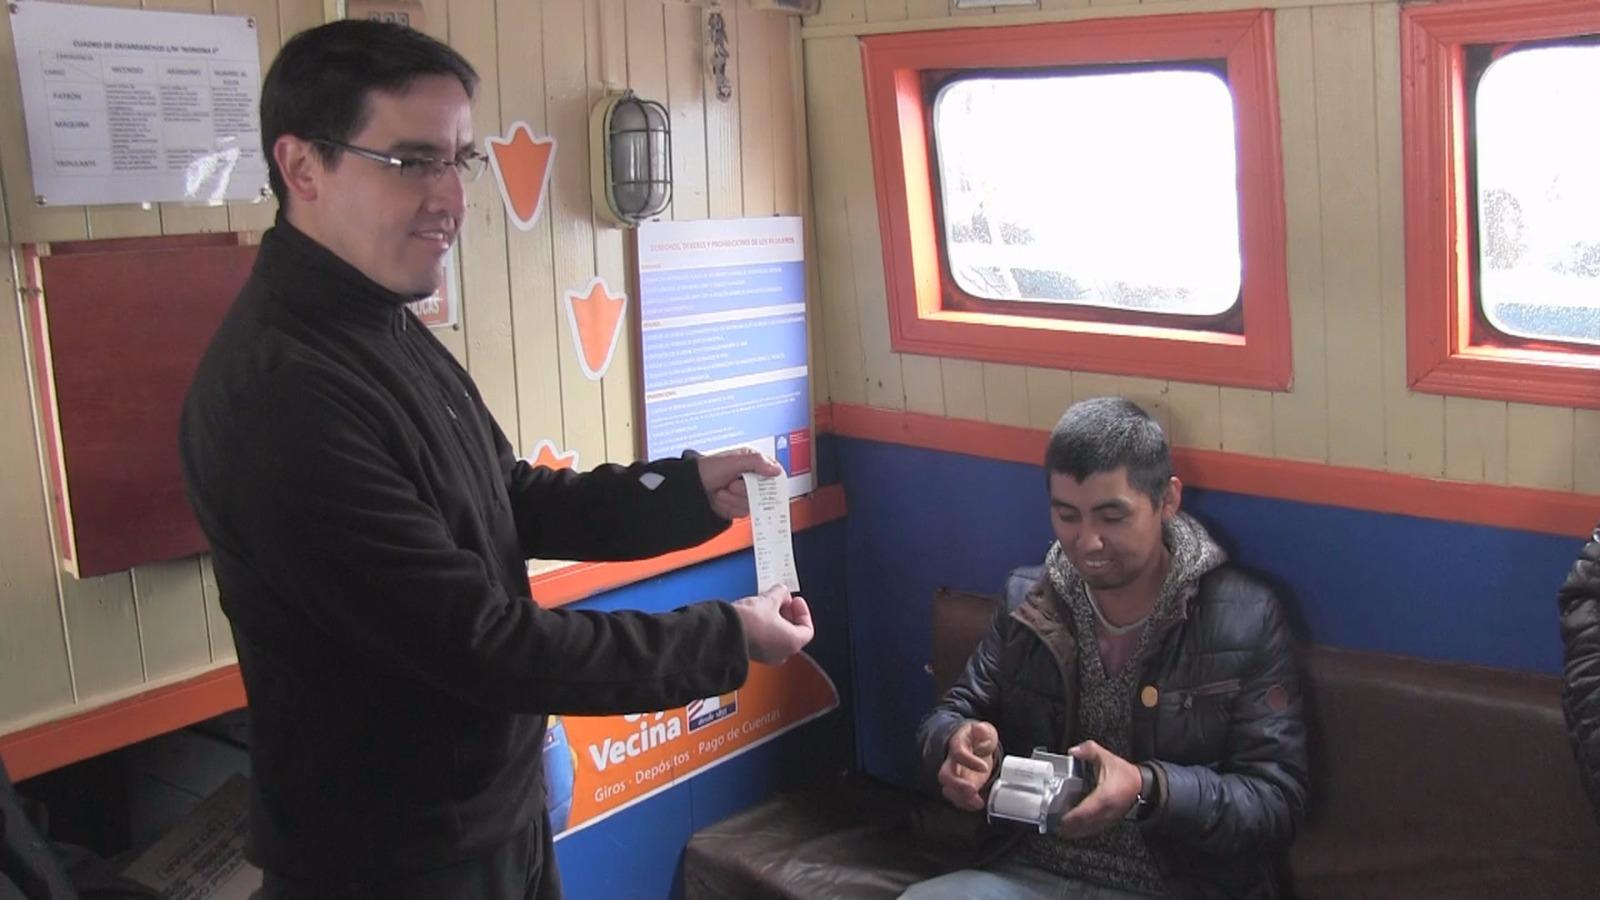 Chiloé: BancoEstado habilitará lanchas para que habitantes de zonas apartadas realicen trámites